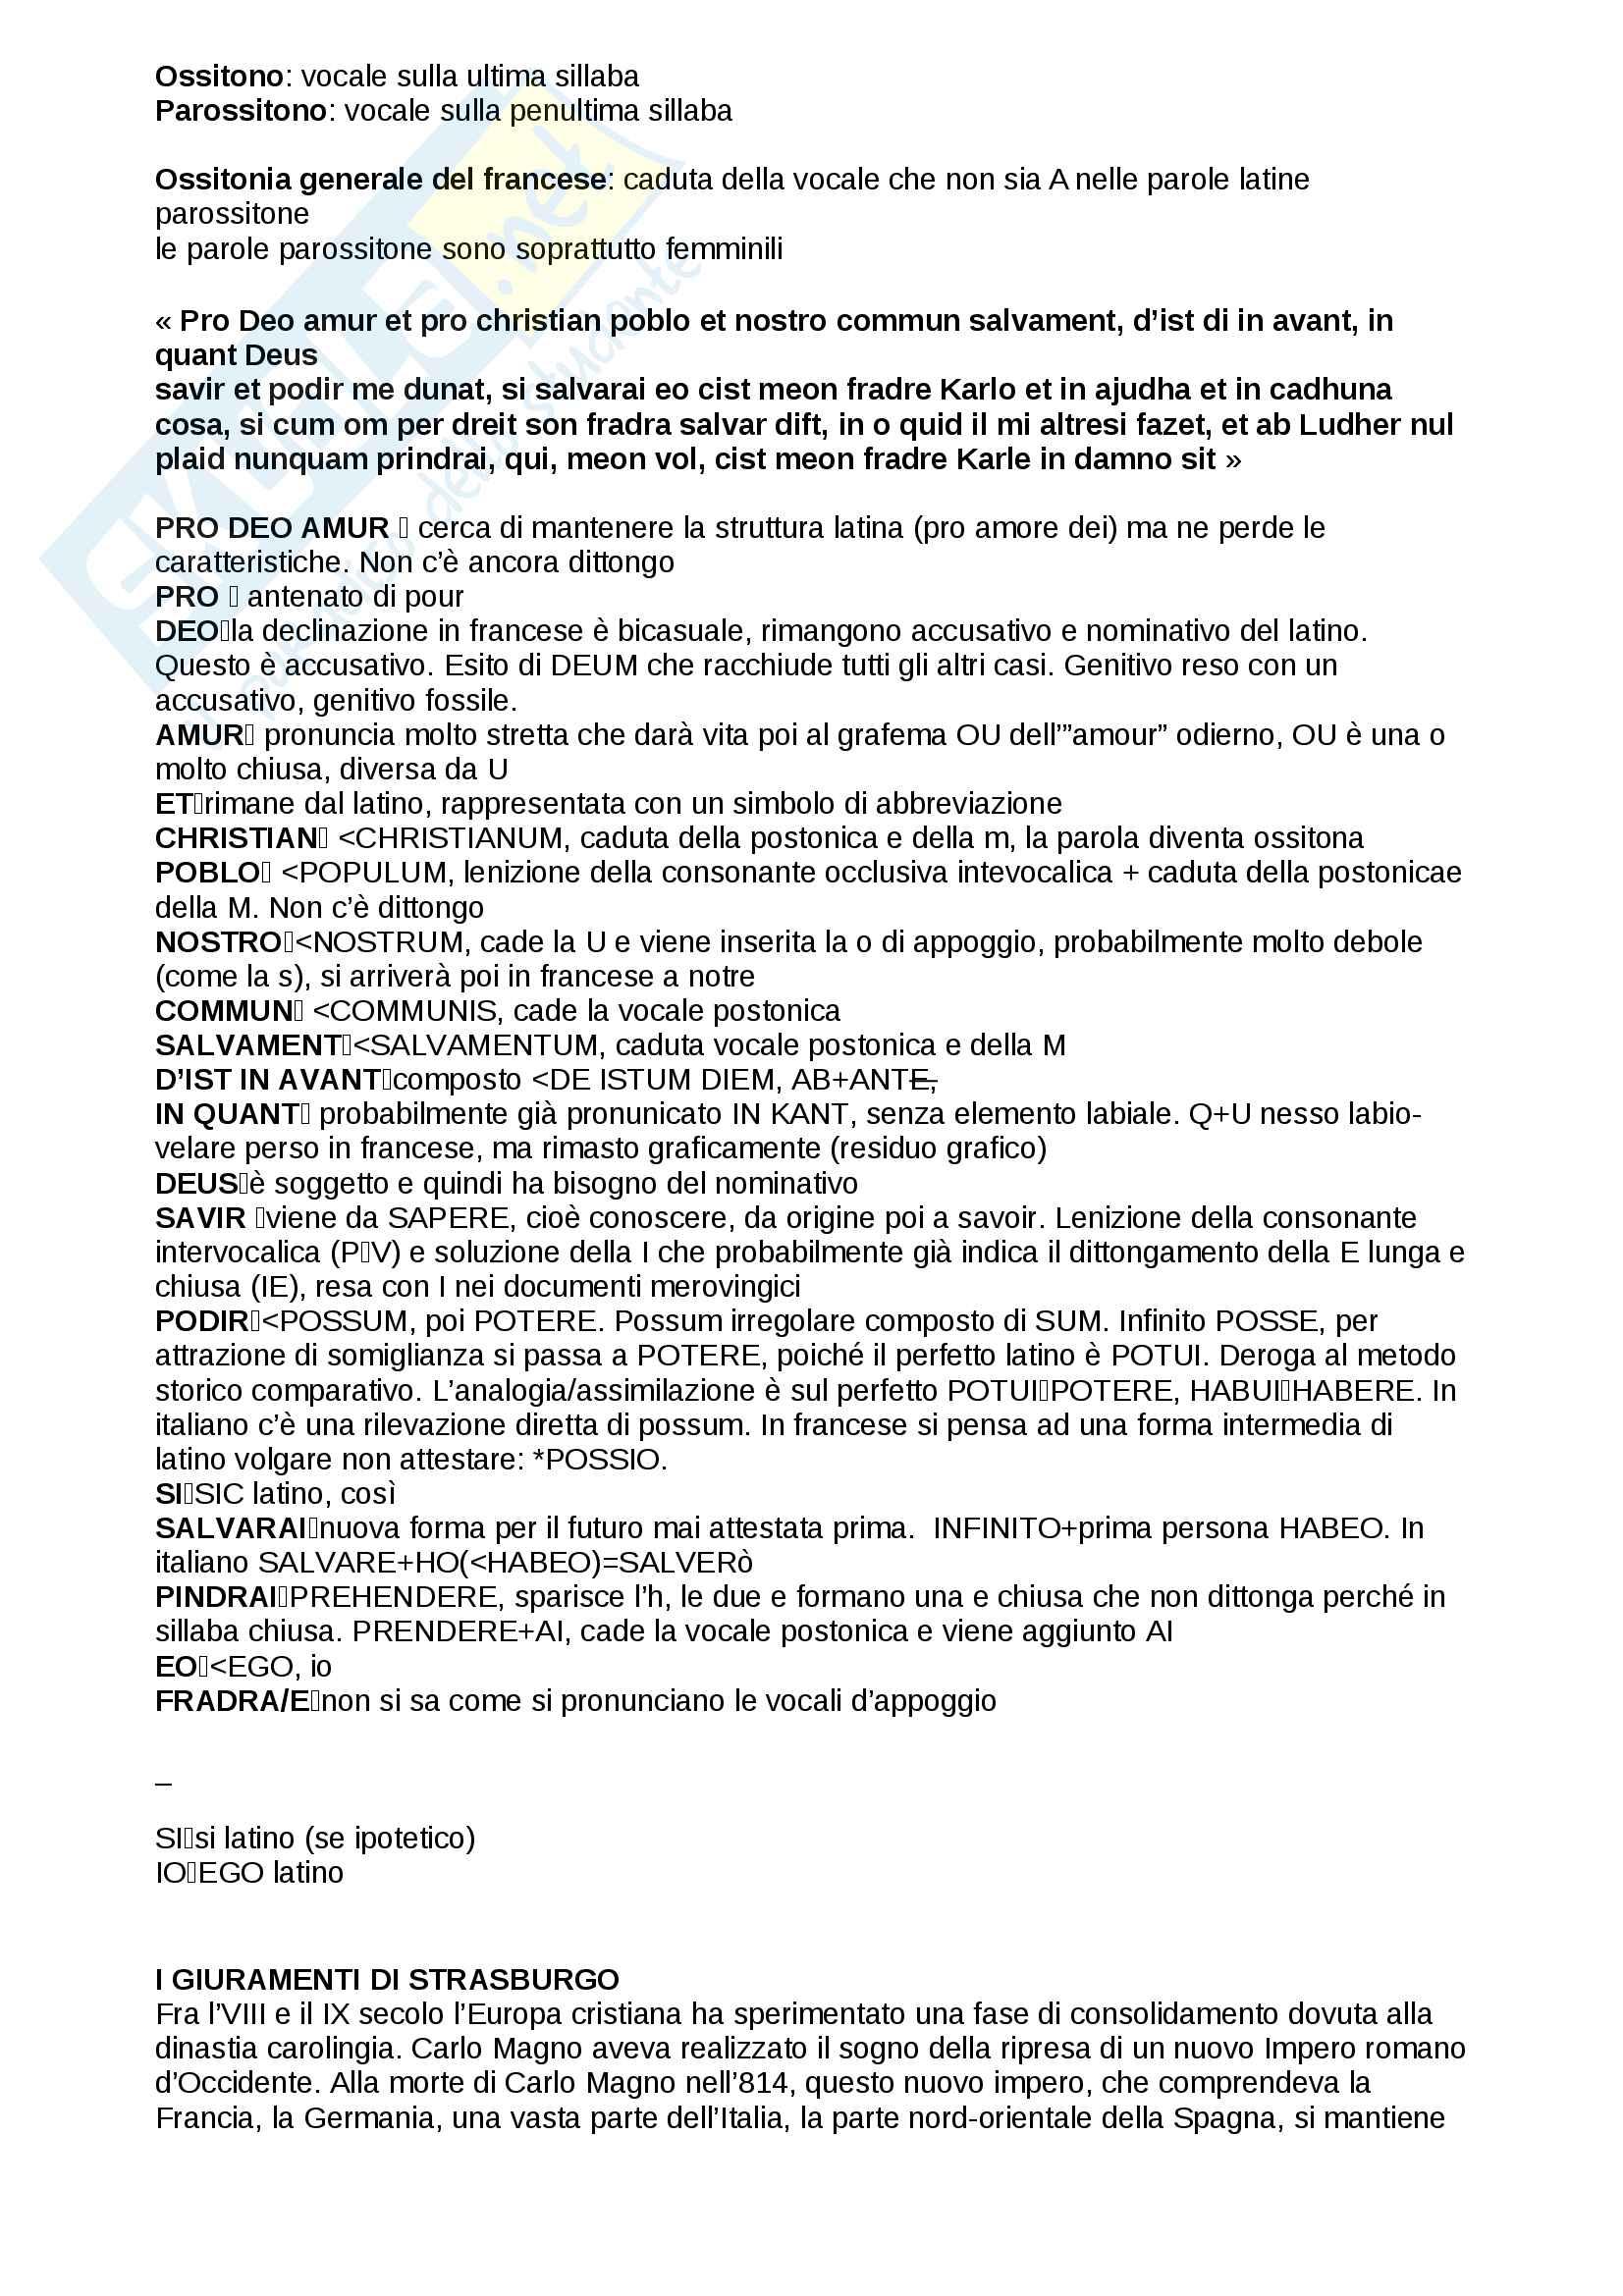 Giuramenti di Strasburgo - contesto storico e analisi linguistica